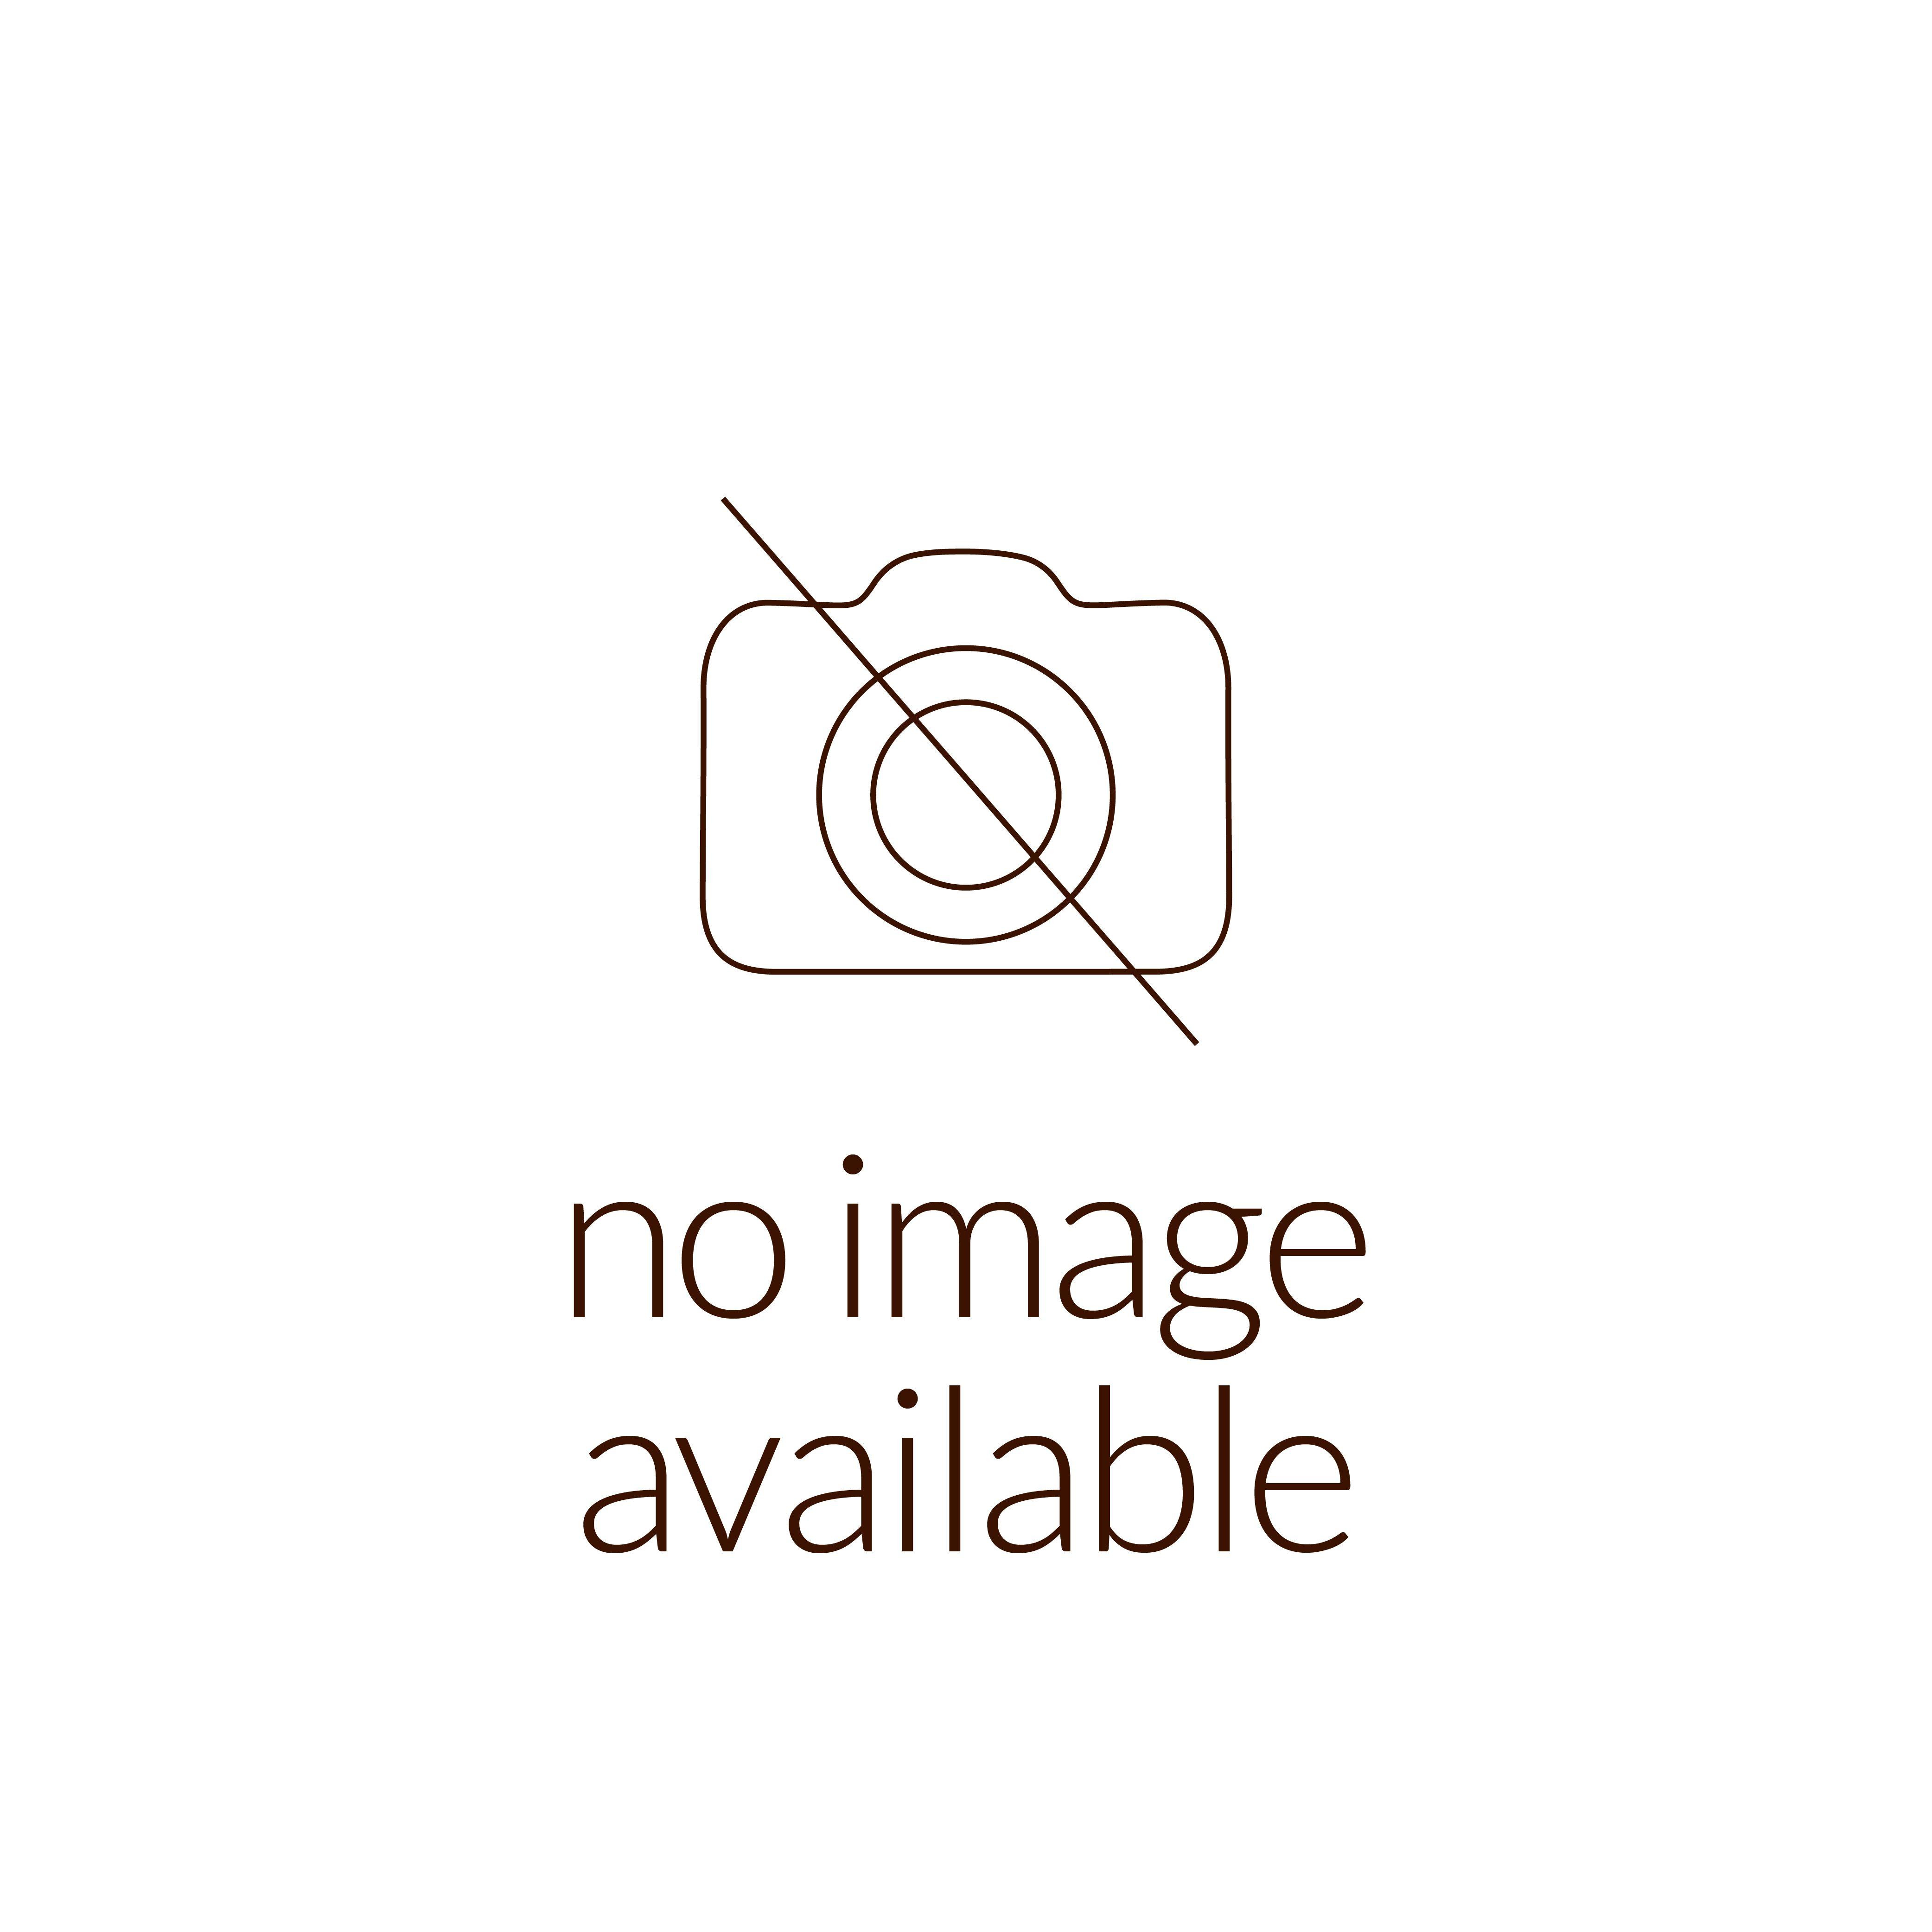 """מטבע זיכרון, תחיית הלשון העברית, כסף, 37 מ""""מ, 26 גרם - צד הנושא"""